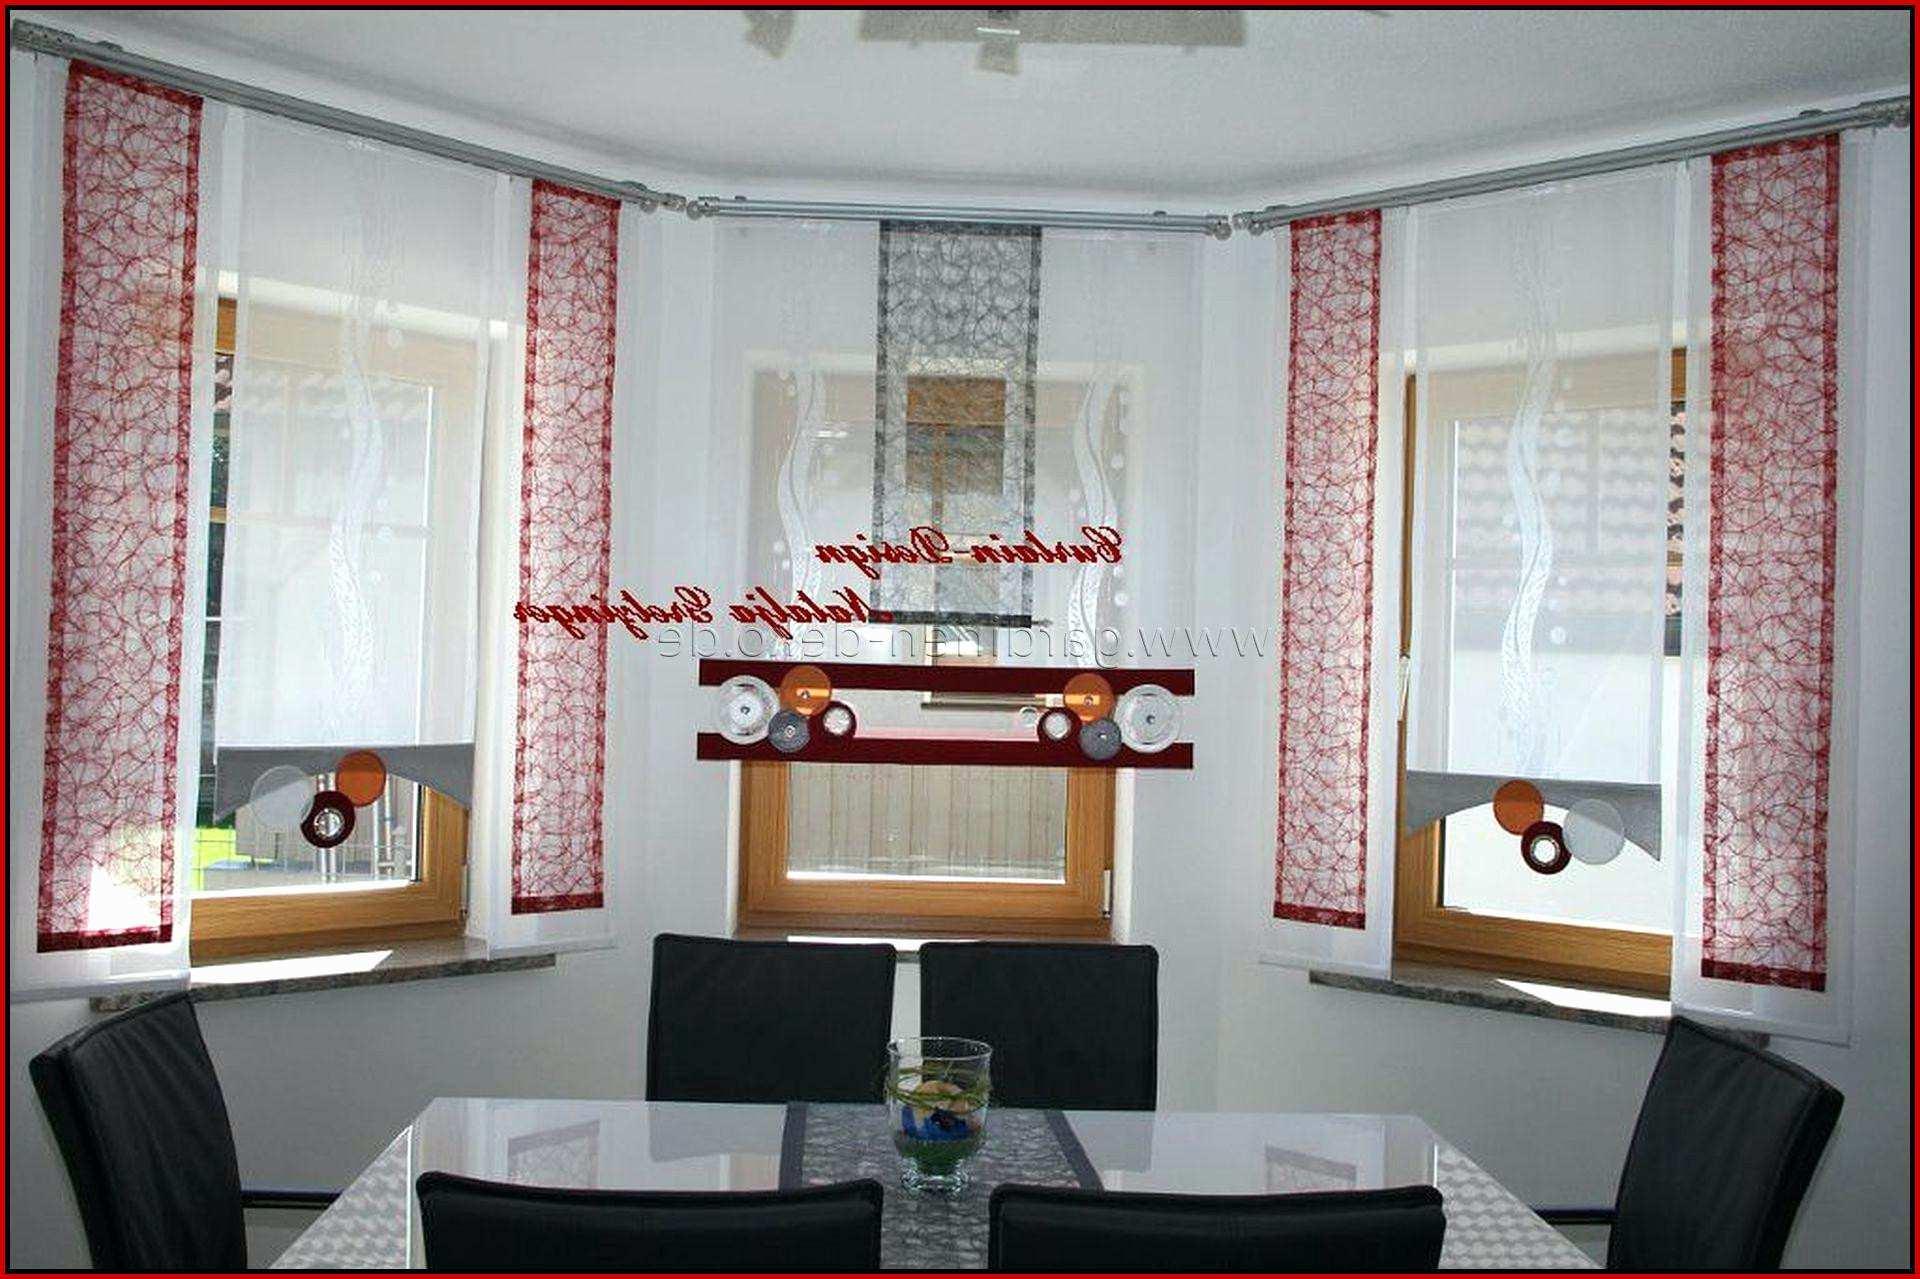 Full Size of Fensterdekoration Gardinen Beispiele Für Wohnzimmer Schlafzimmer Scheibengardinen Küche Die Fenster Wohnzimmer Fensterdekoration Gardinen Beispiele